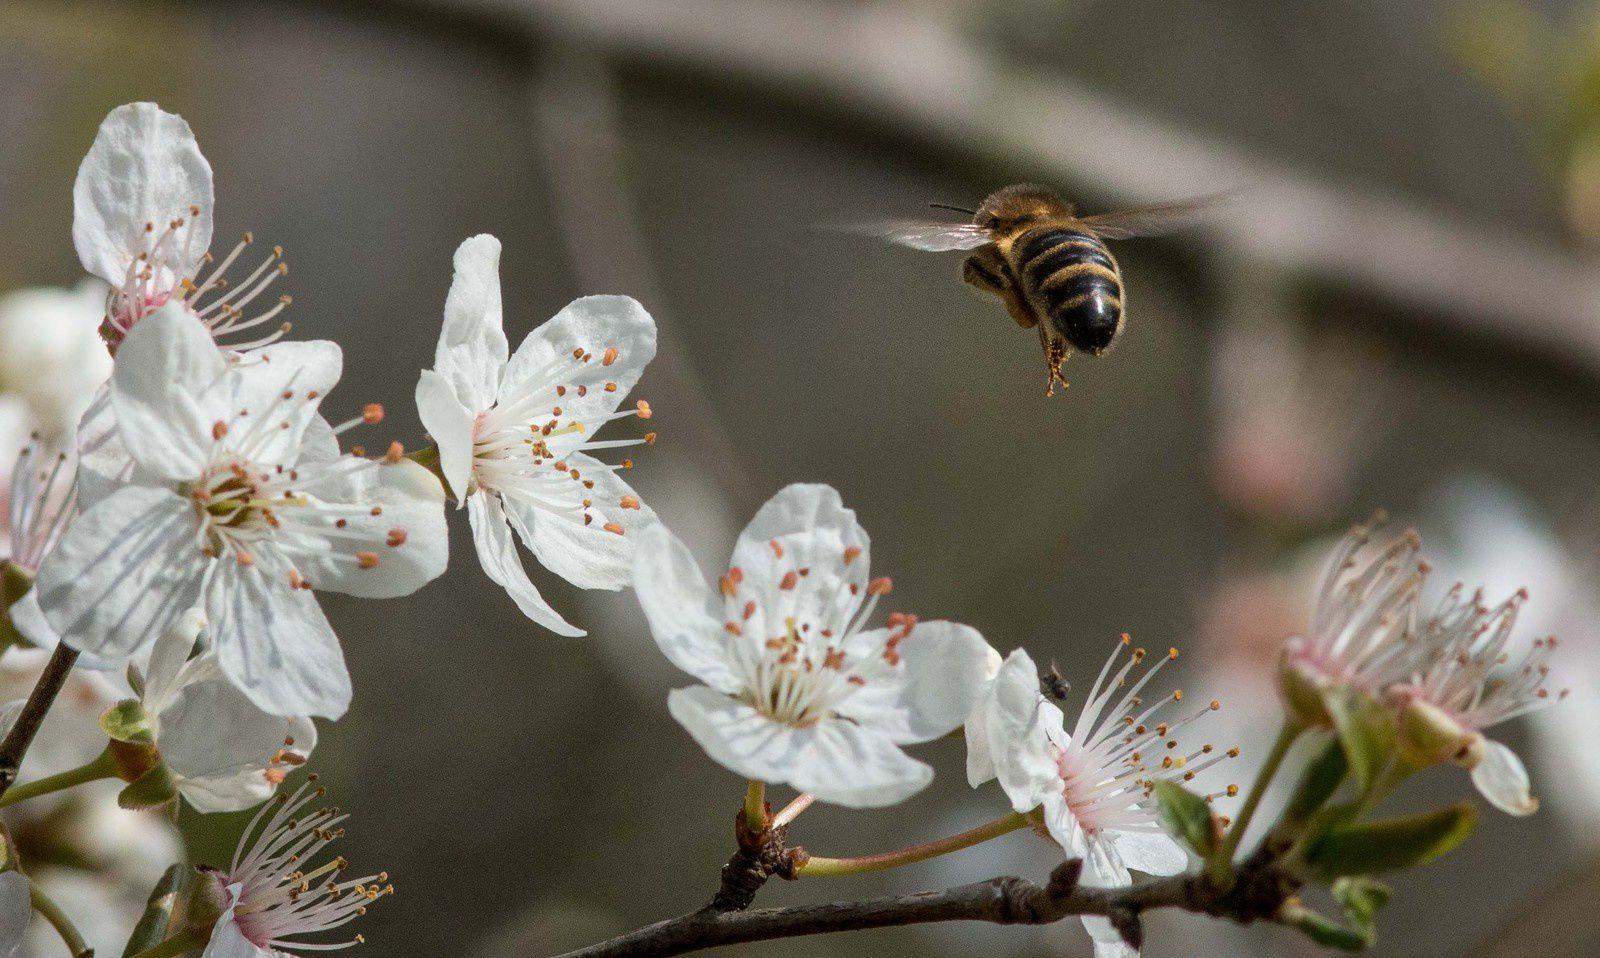 Une pollinisation réussie apporte de nombreuses baies de prunelles en libre service pour les frugivores.